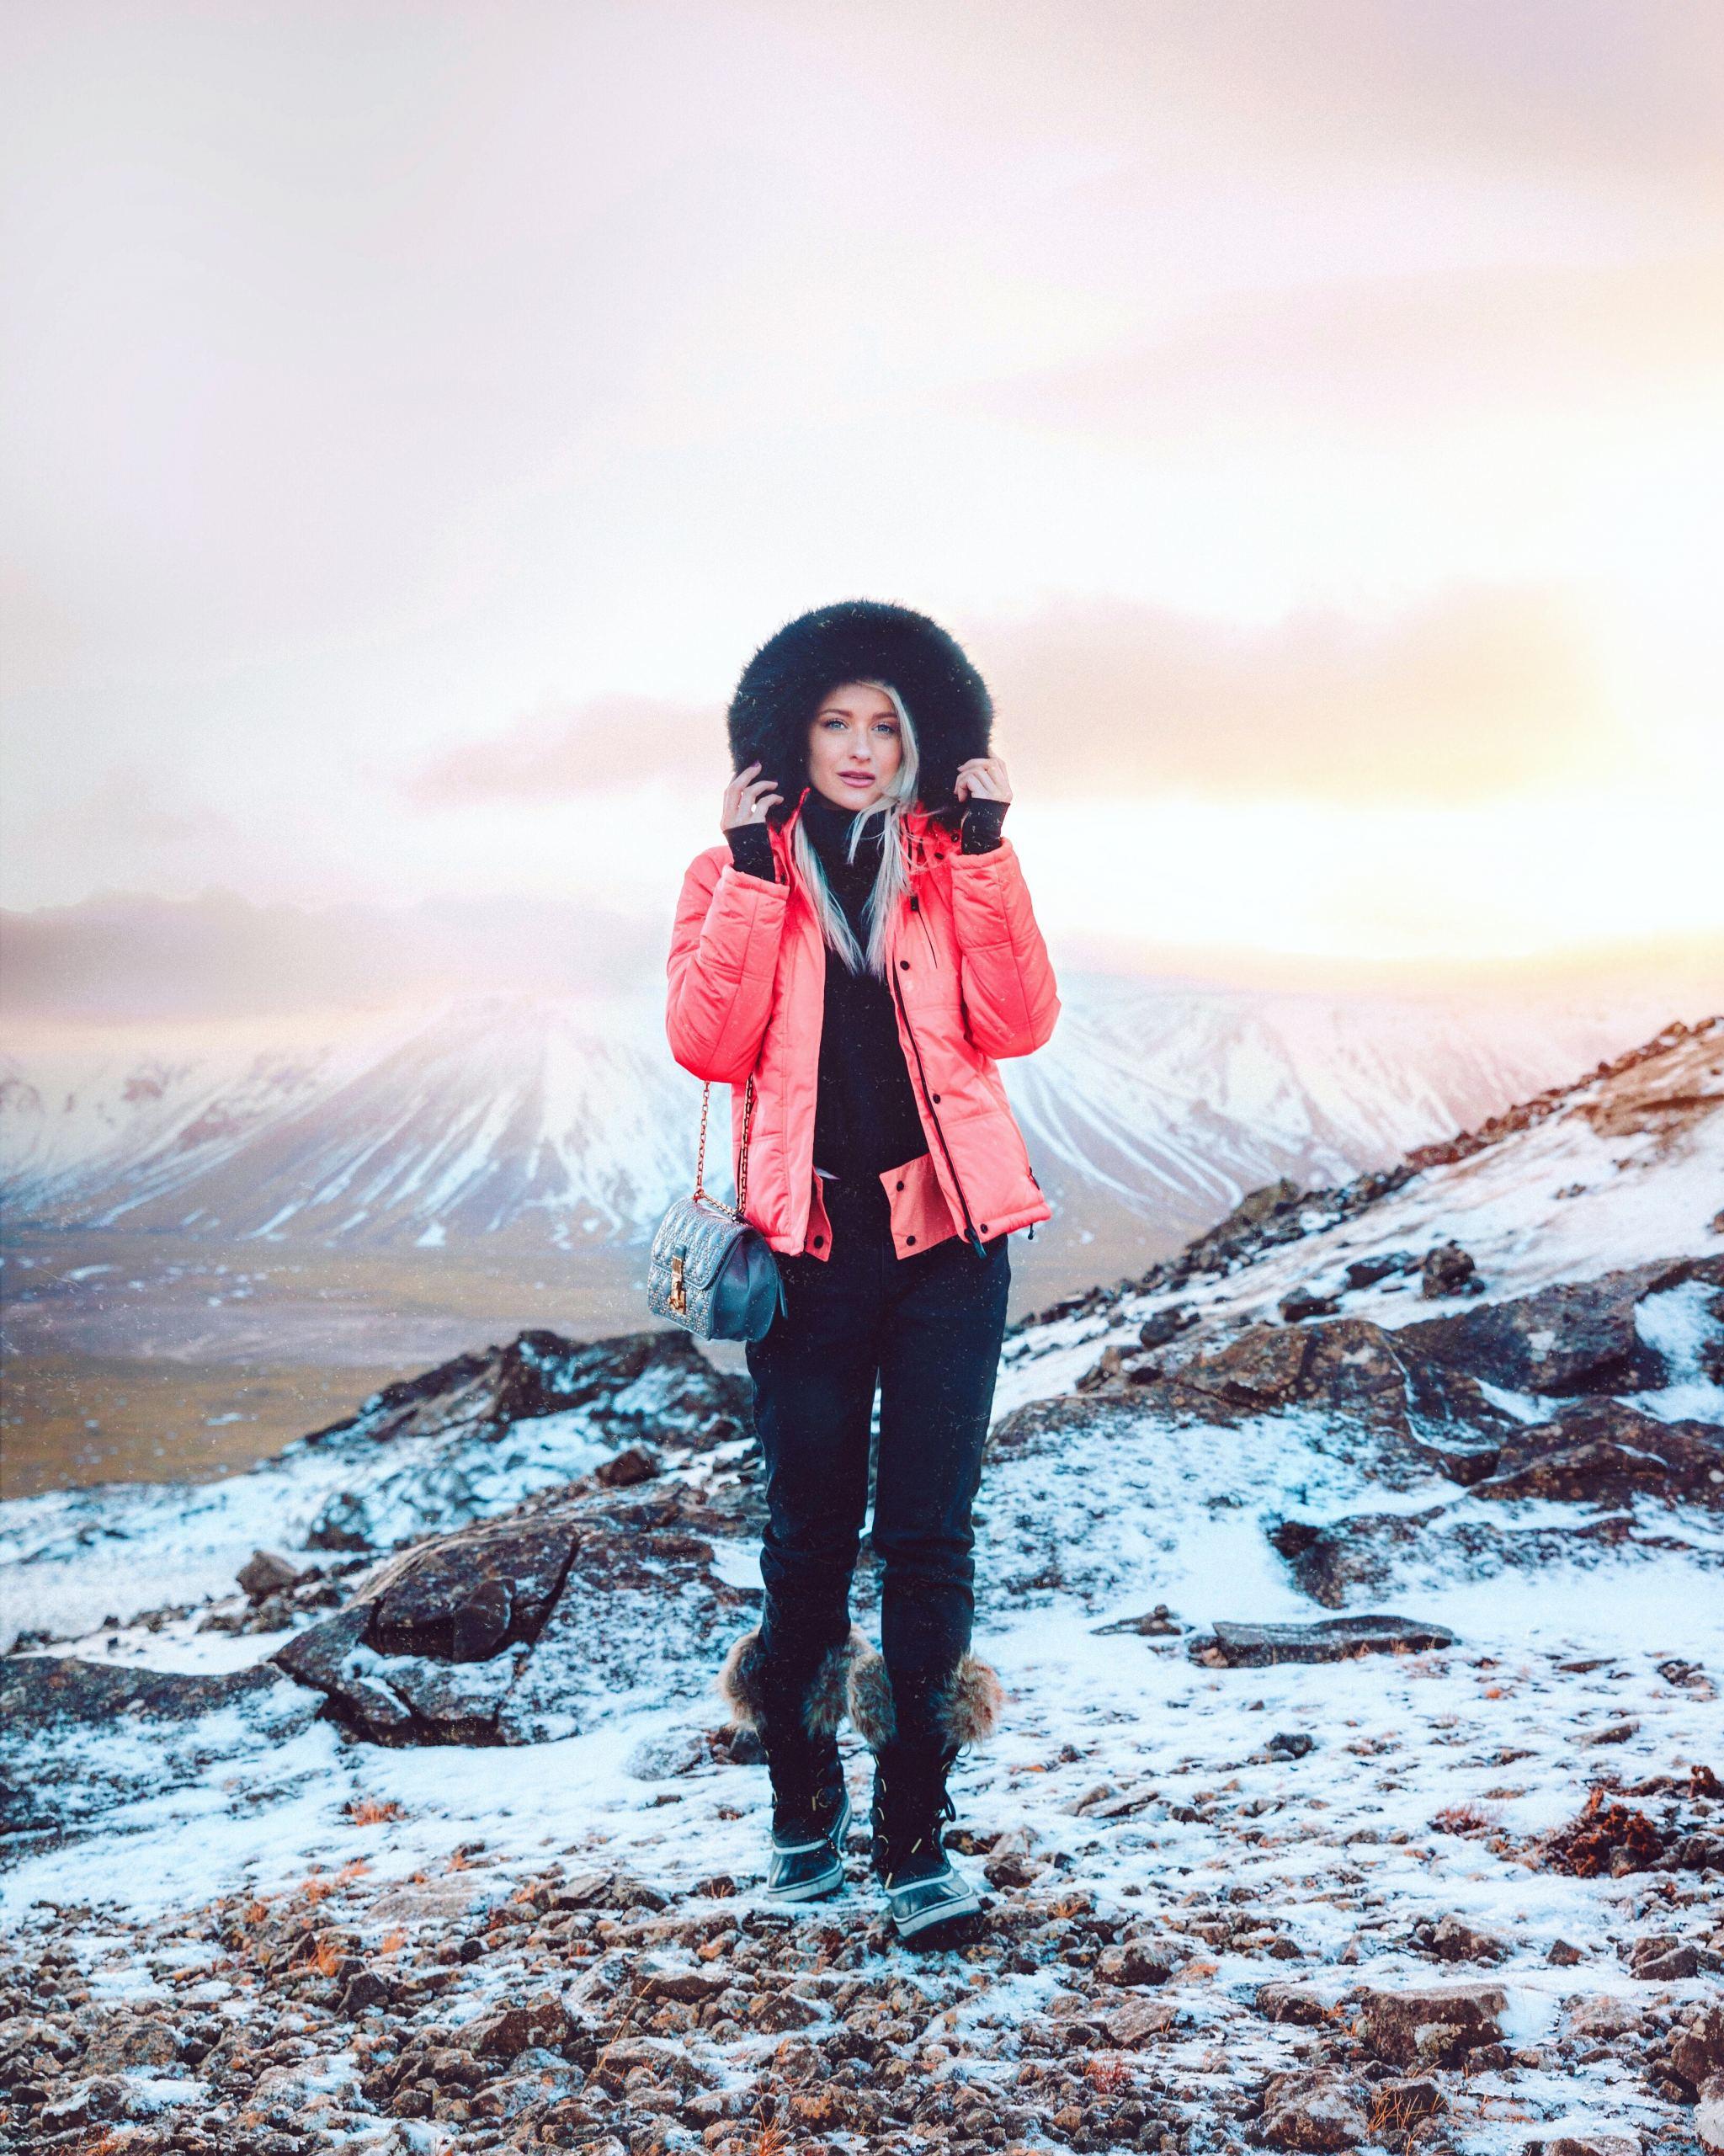 Fashionable Skiwear: What Stylish Girls Choose for the Slopes Fashionable Skiwear: What Stylish Girls Choose for the Slopes new picture